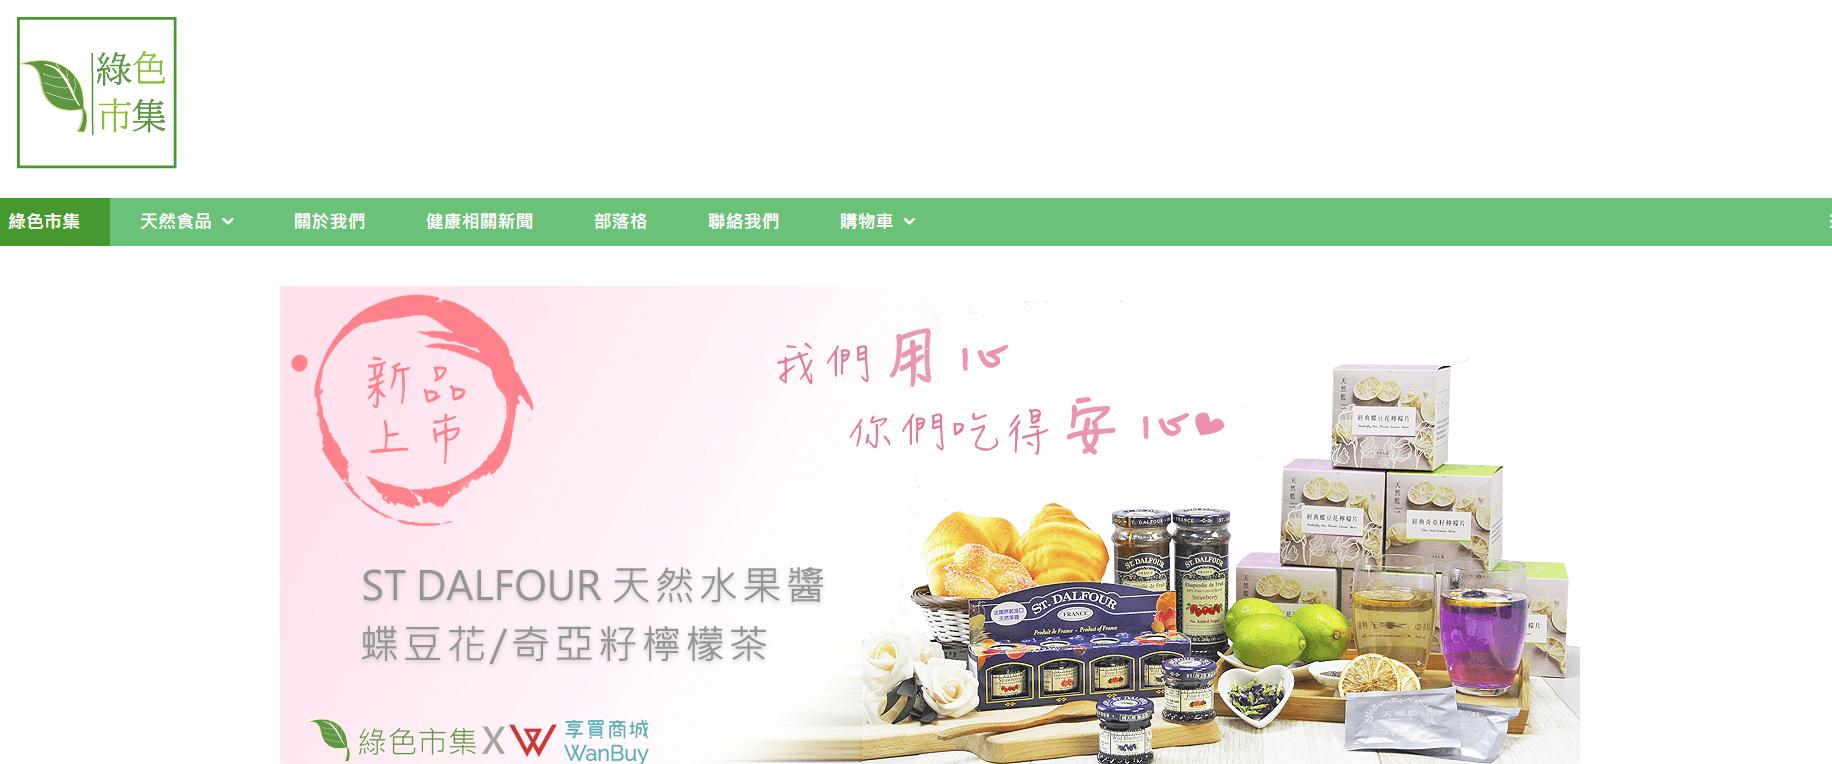 數位行銷班專題網站作品-綠色市集